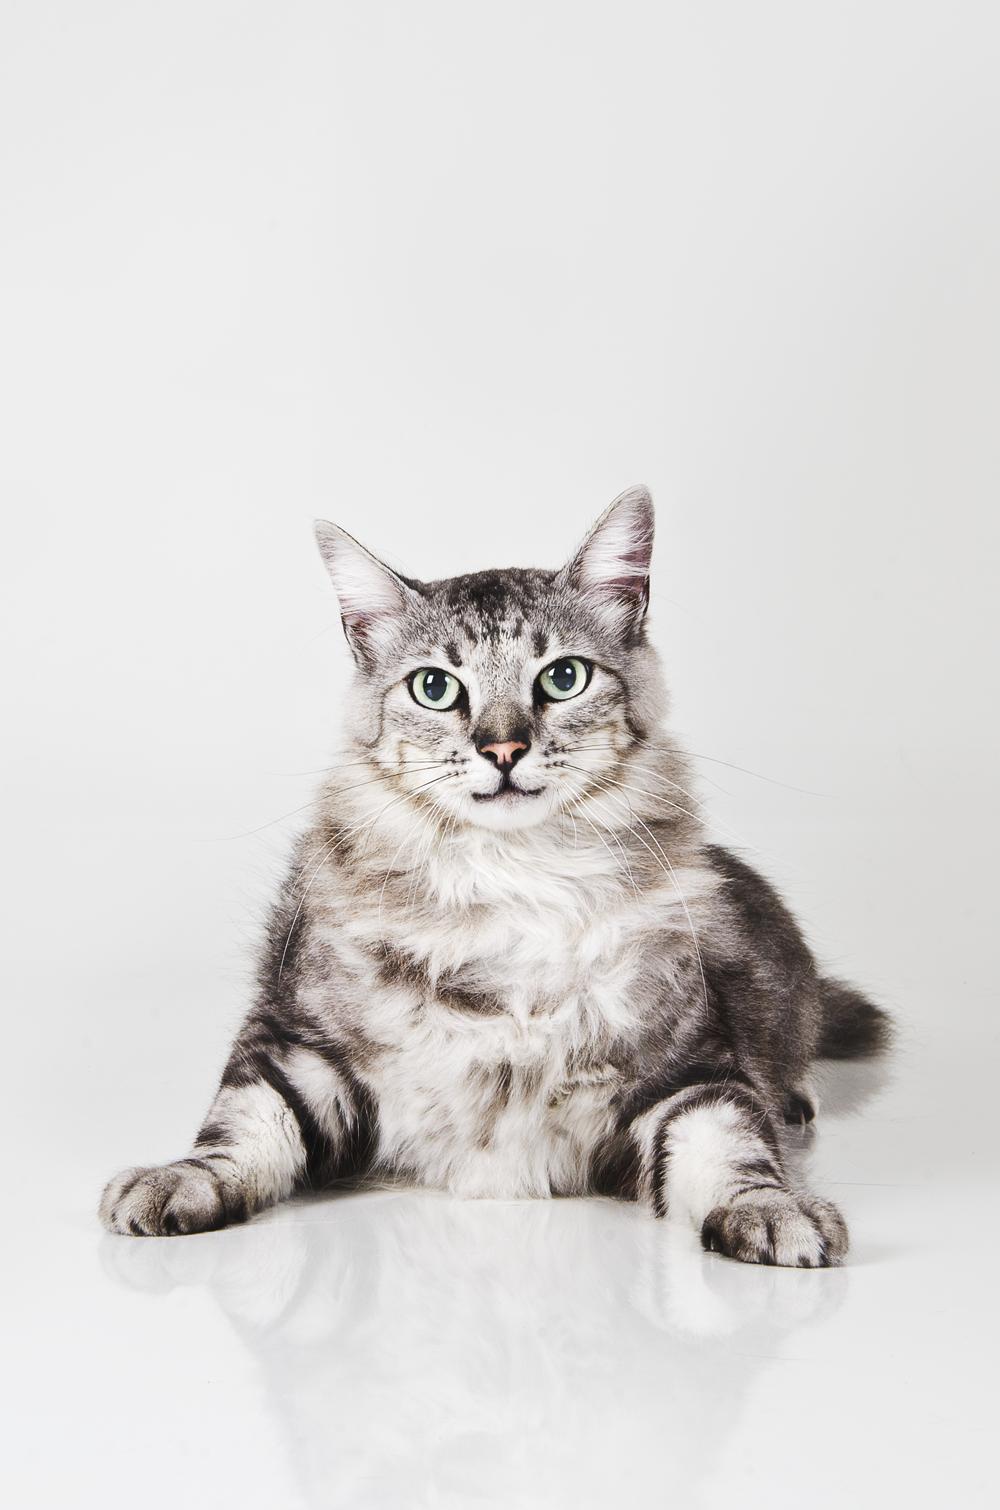 pet photography cats fotografia de estimação. gatos animais pet food